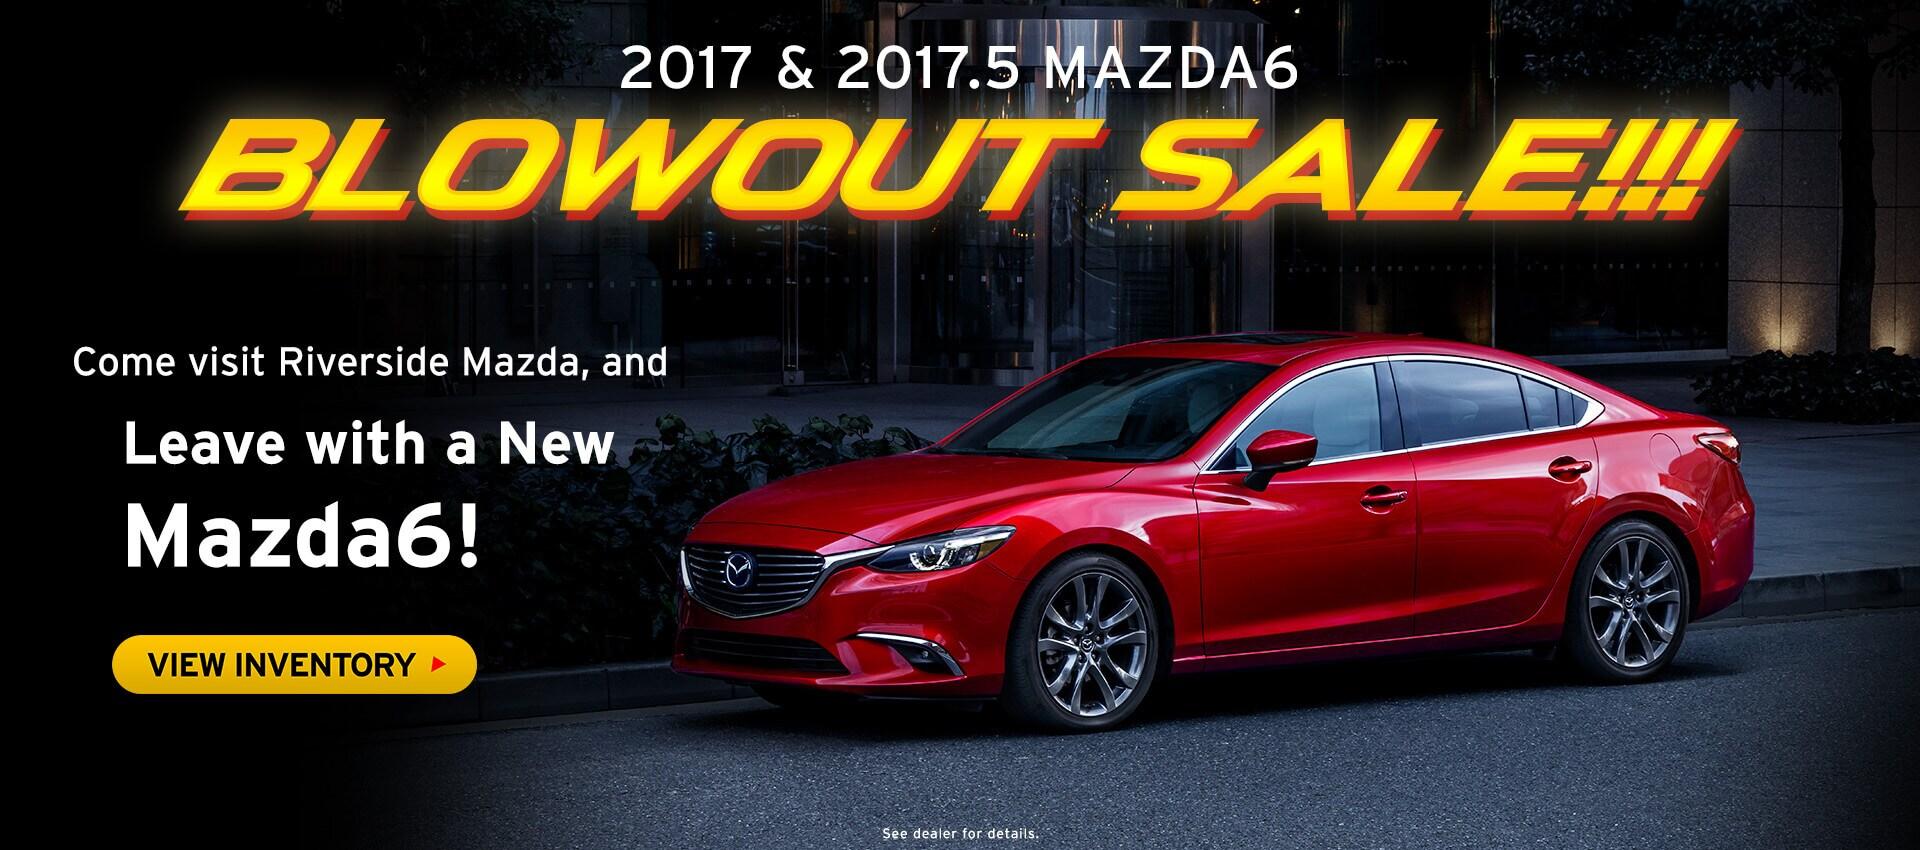 Riverside Mazda | New Mazda dealership in Riverside, CA 92504